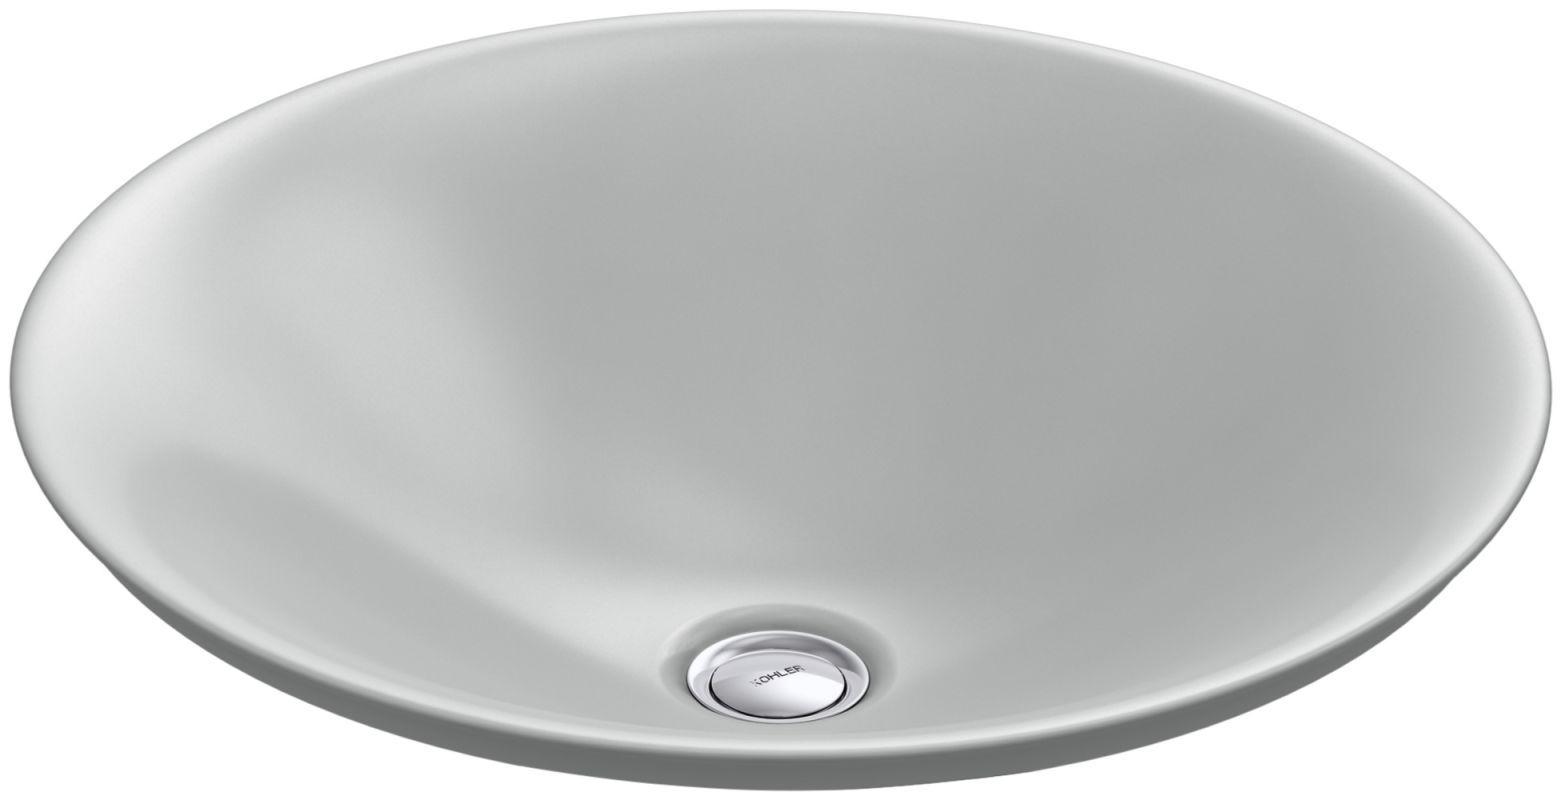 Kohler K 7806 Above Counter Bathroom Sink Sink Lavatory Sink